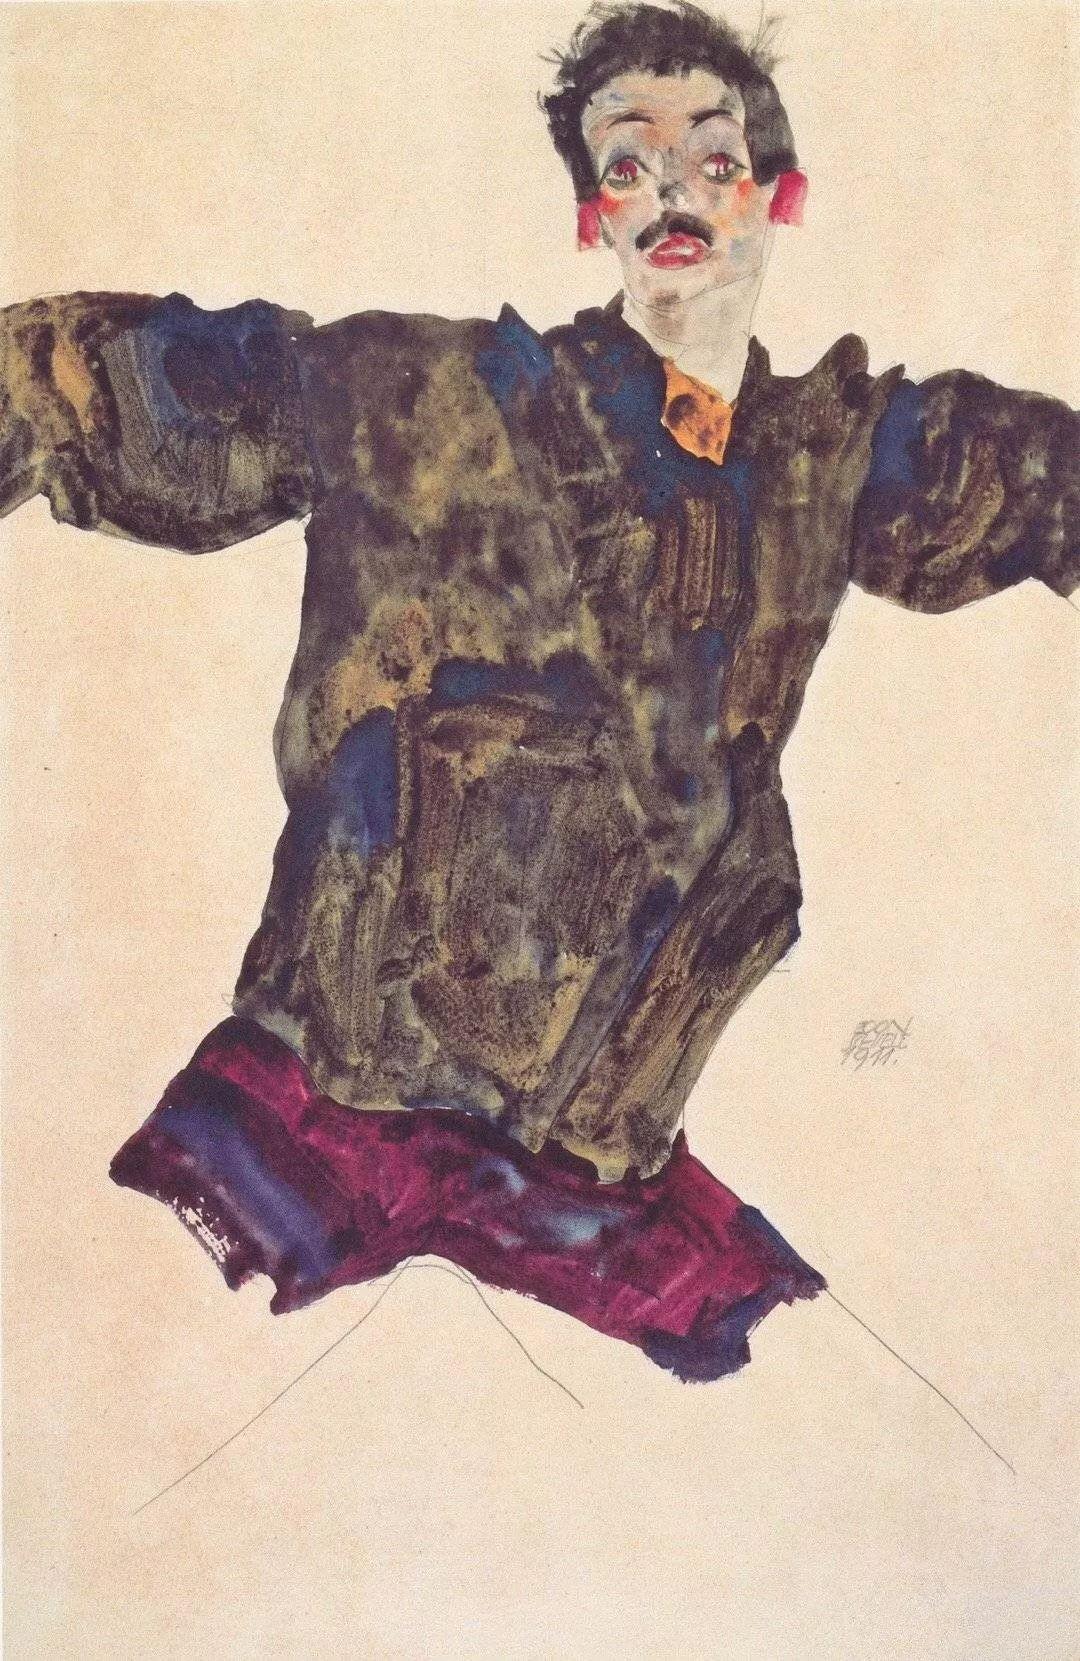 年仅28岁,生前遭受非议,死后却被捧为直逼心灵的艺术家插图153